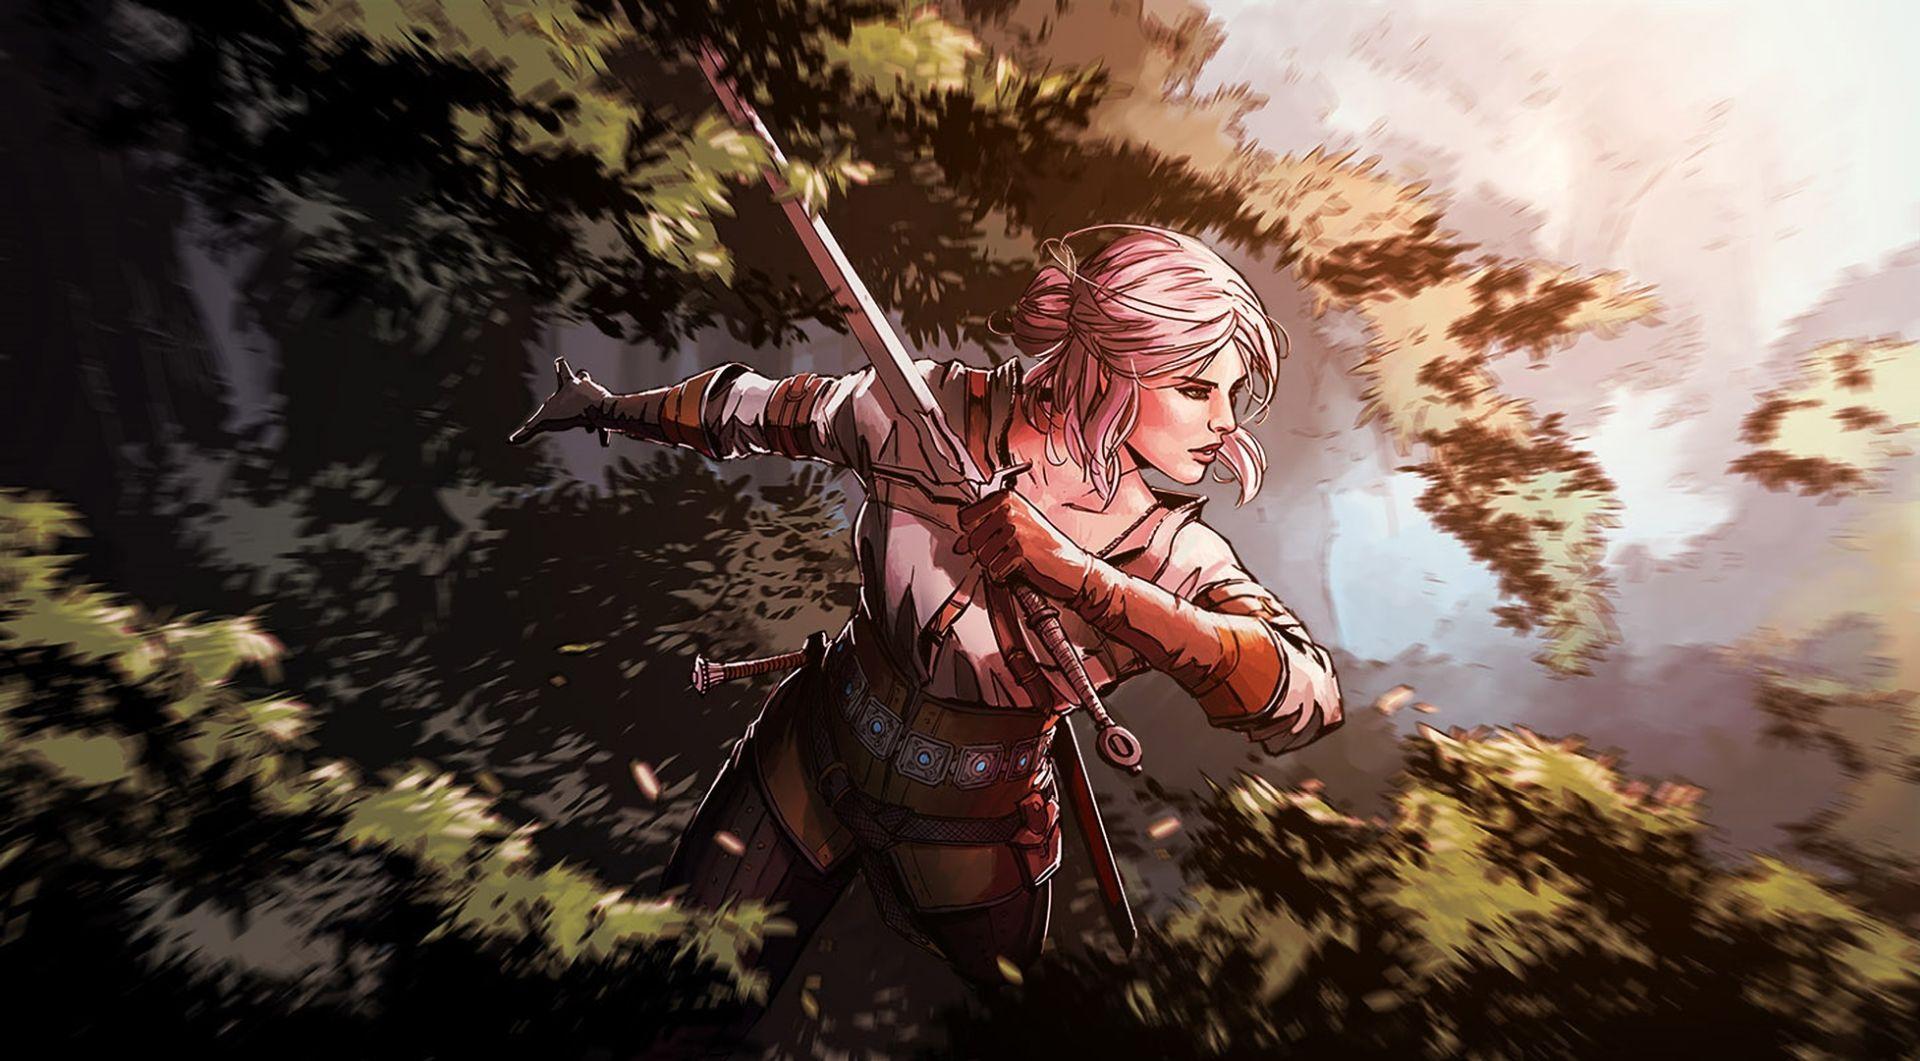 Witcher Ciri art, Download Wallpaper